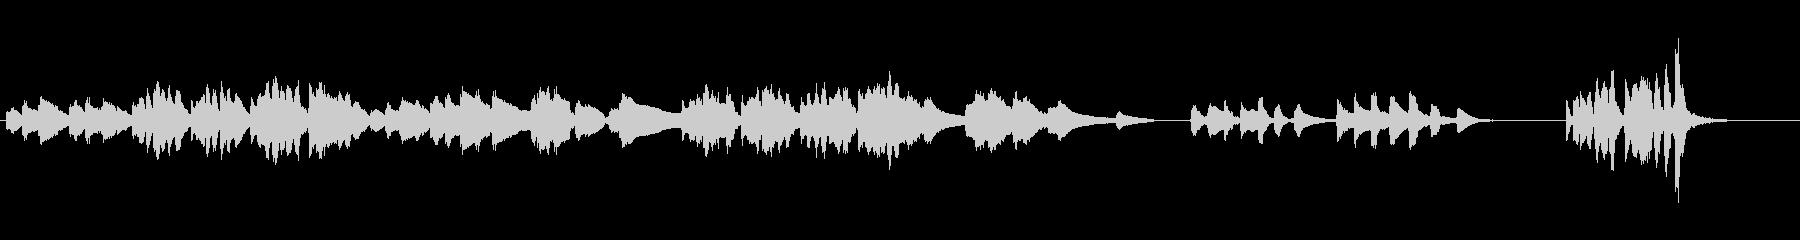 バルトーク「リンゴを食べたイヴ」の未再生の波形